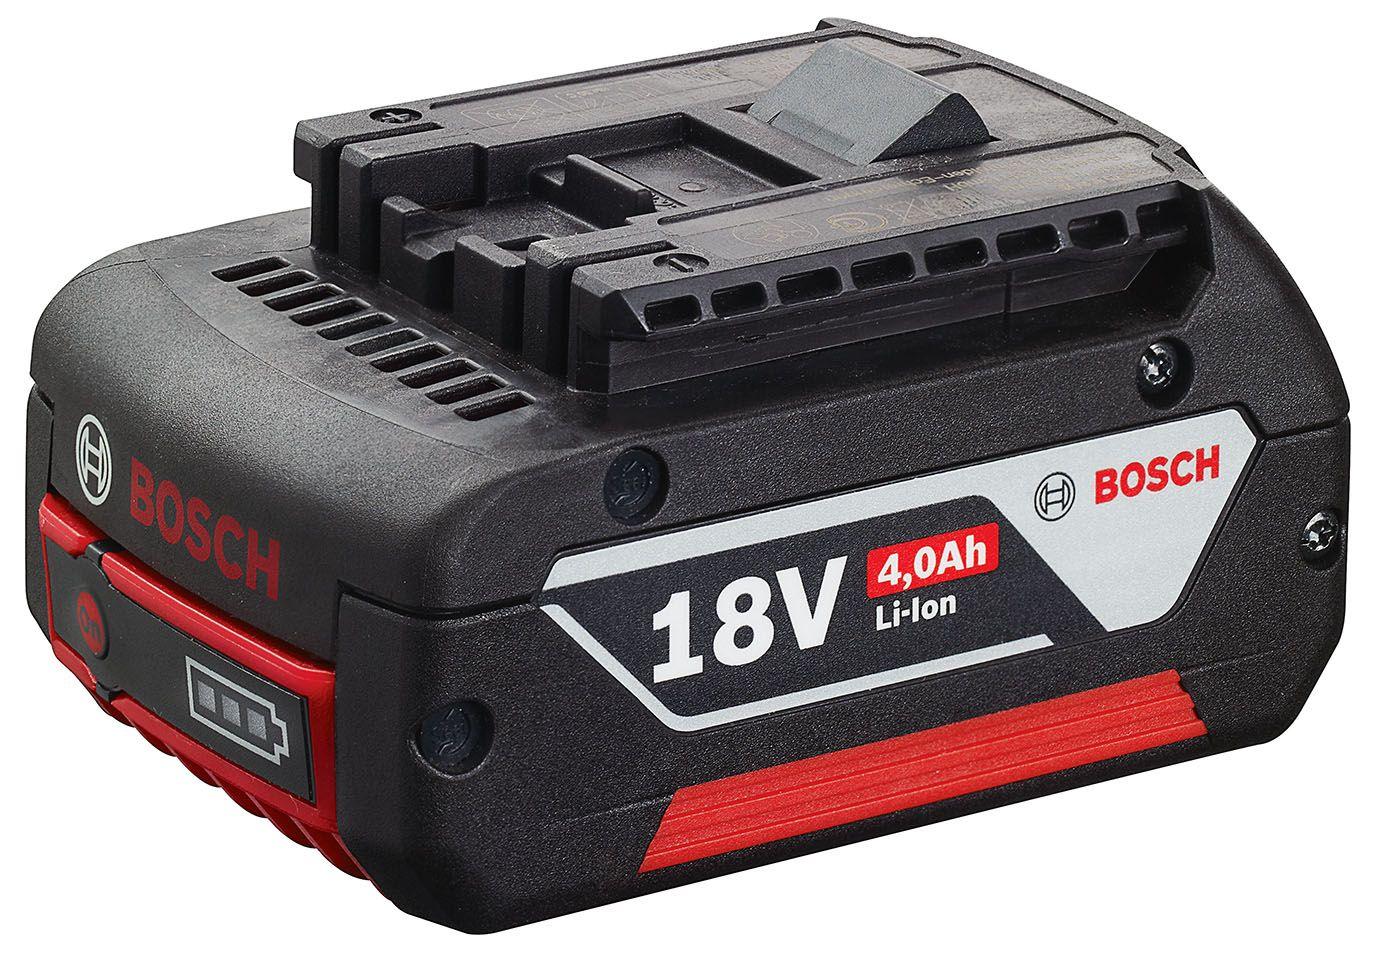 バッテリースライド式18V4.0Ahリチウムイオン   A1840LIB